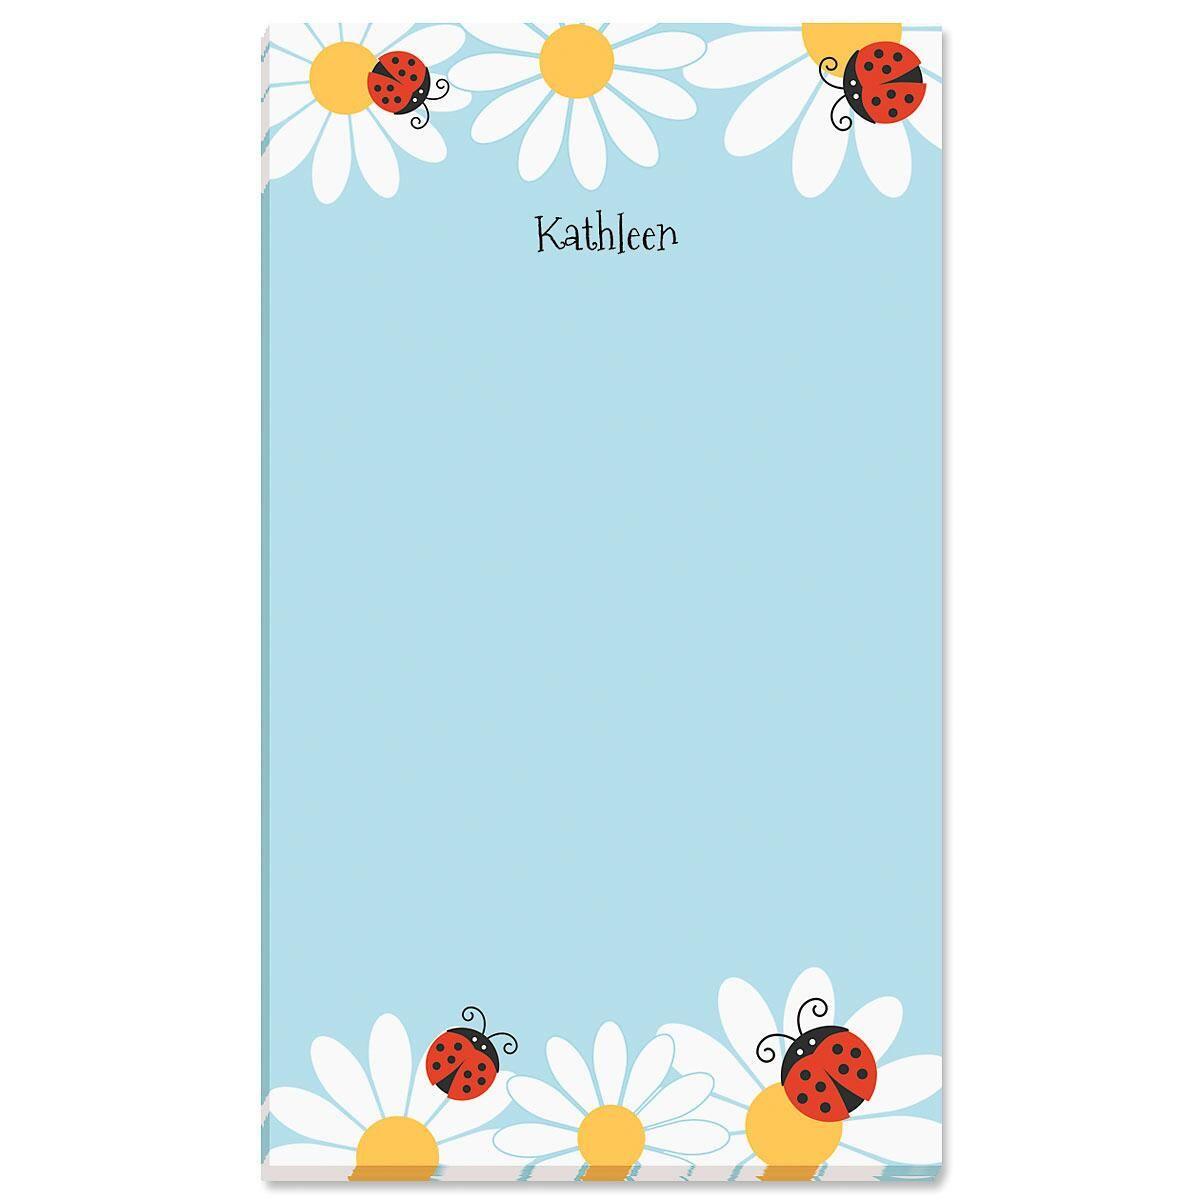 Ladybug Daisy Personalized Notepads